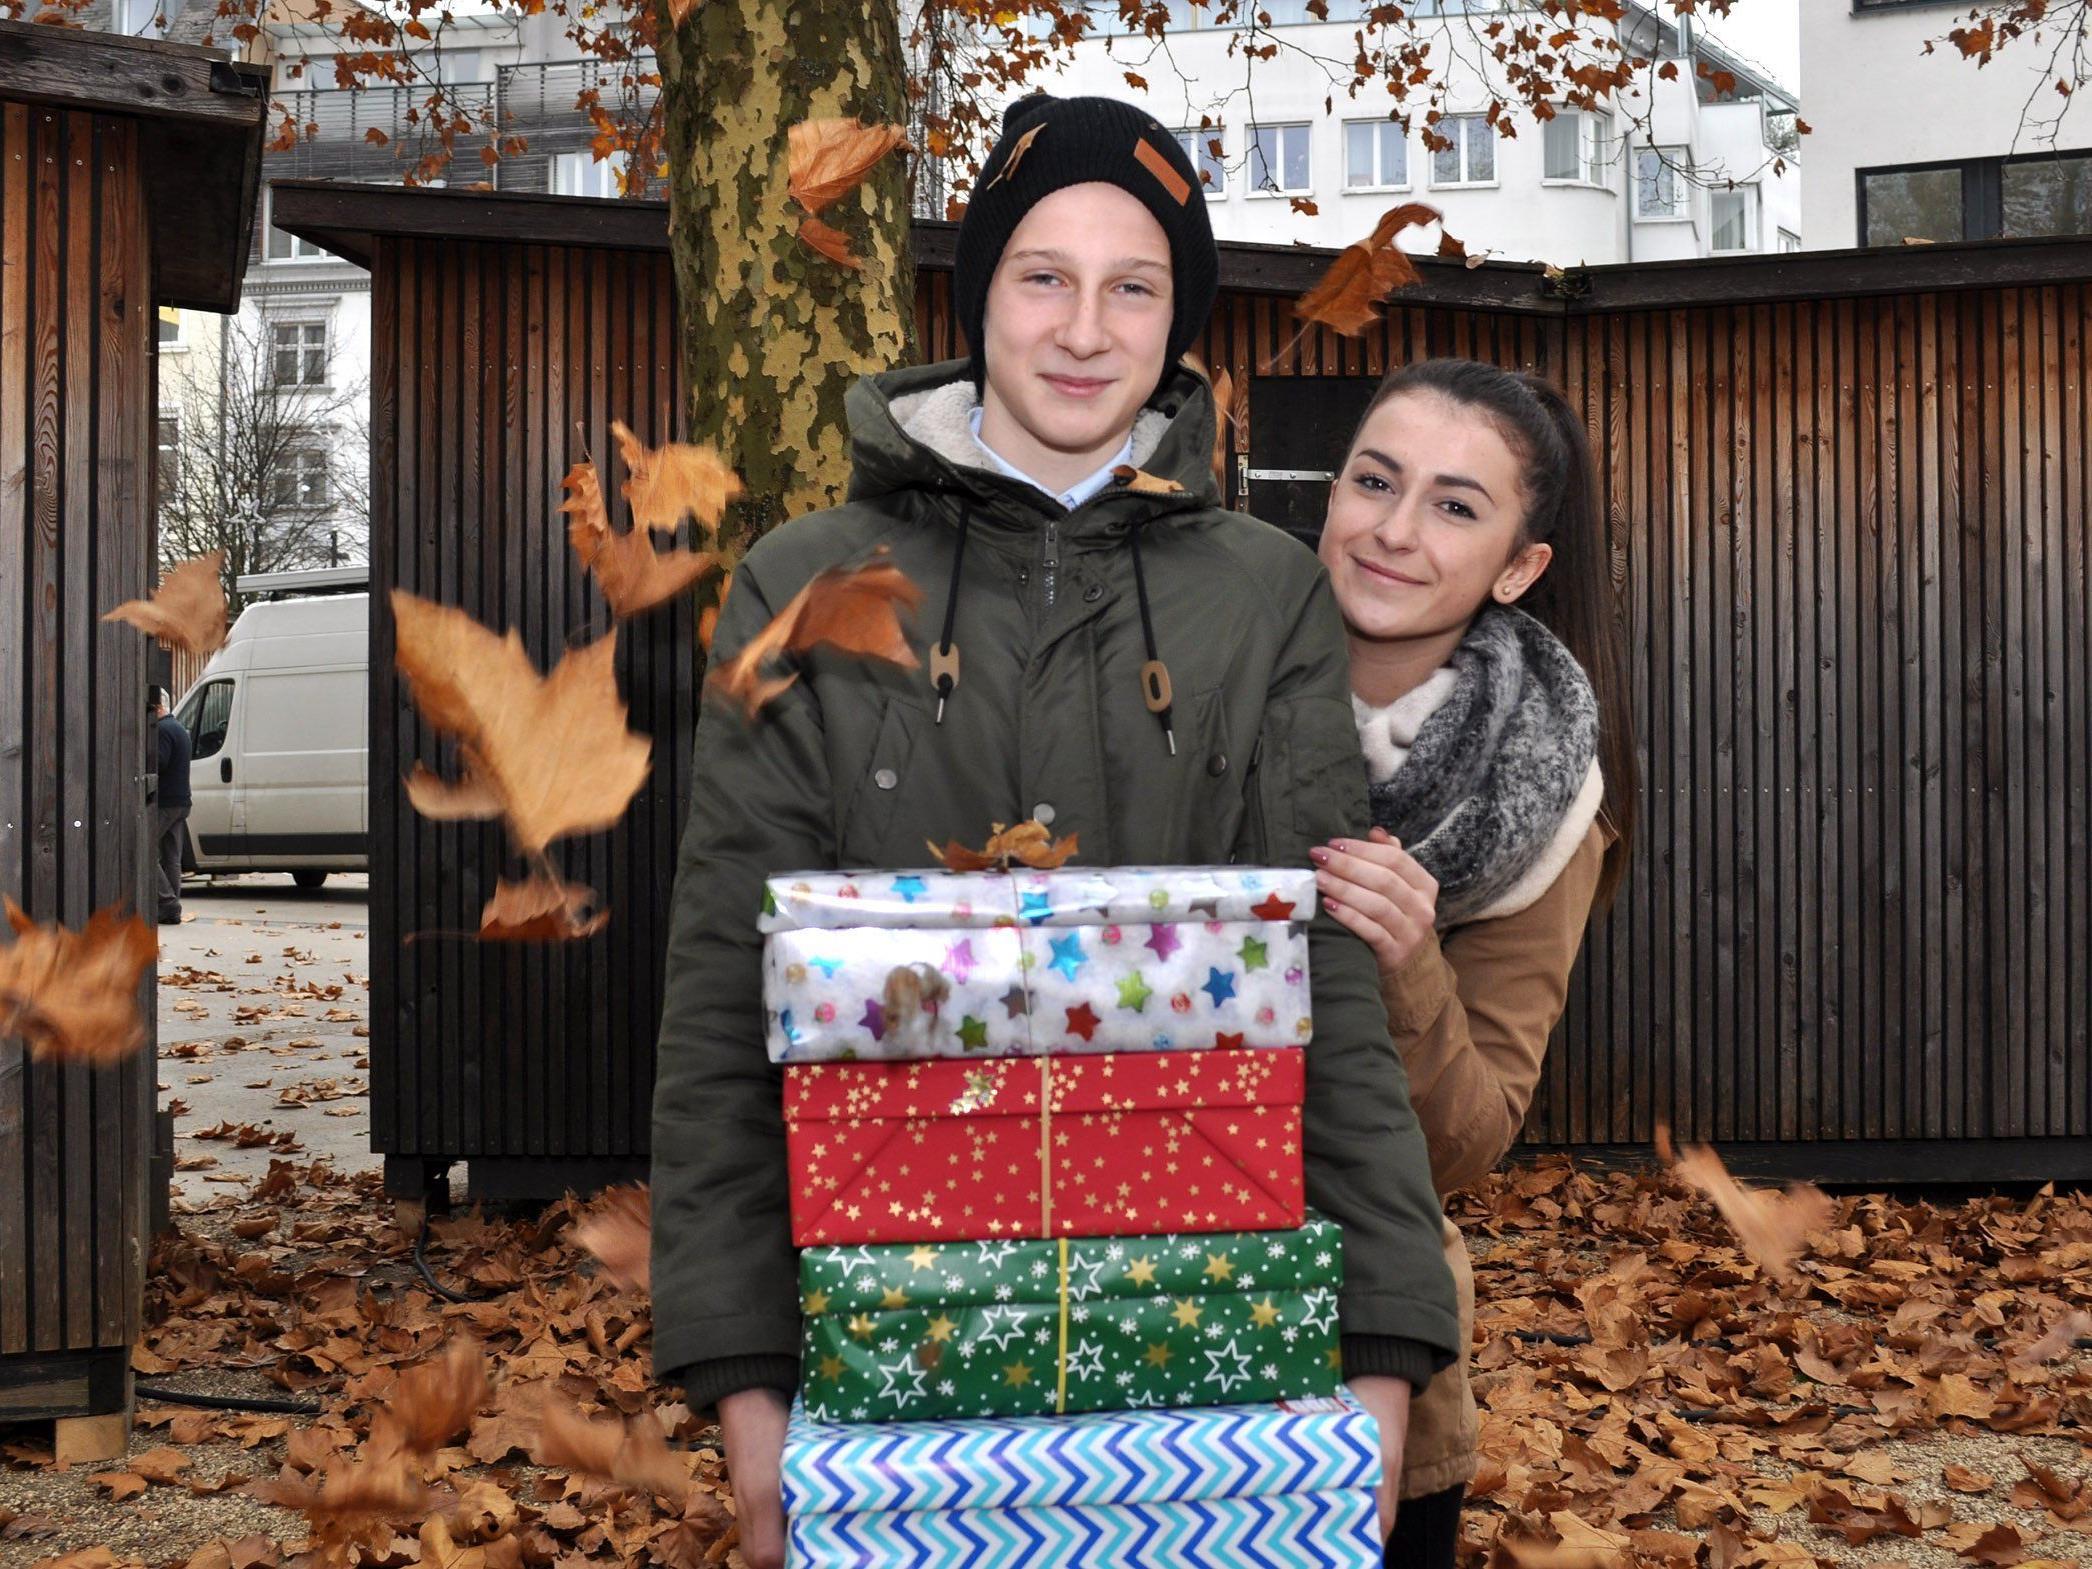 Morris und Feride, die beiden Lehrlinge der Sparkasse Bregenz, haben fleißig beim Einpacken geholfen.